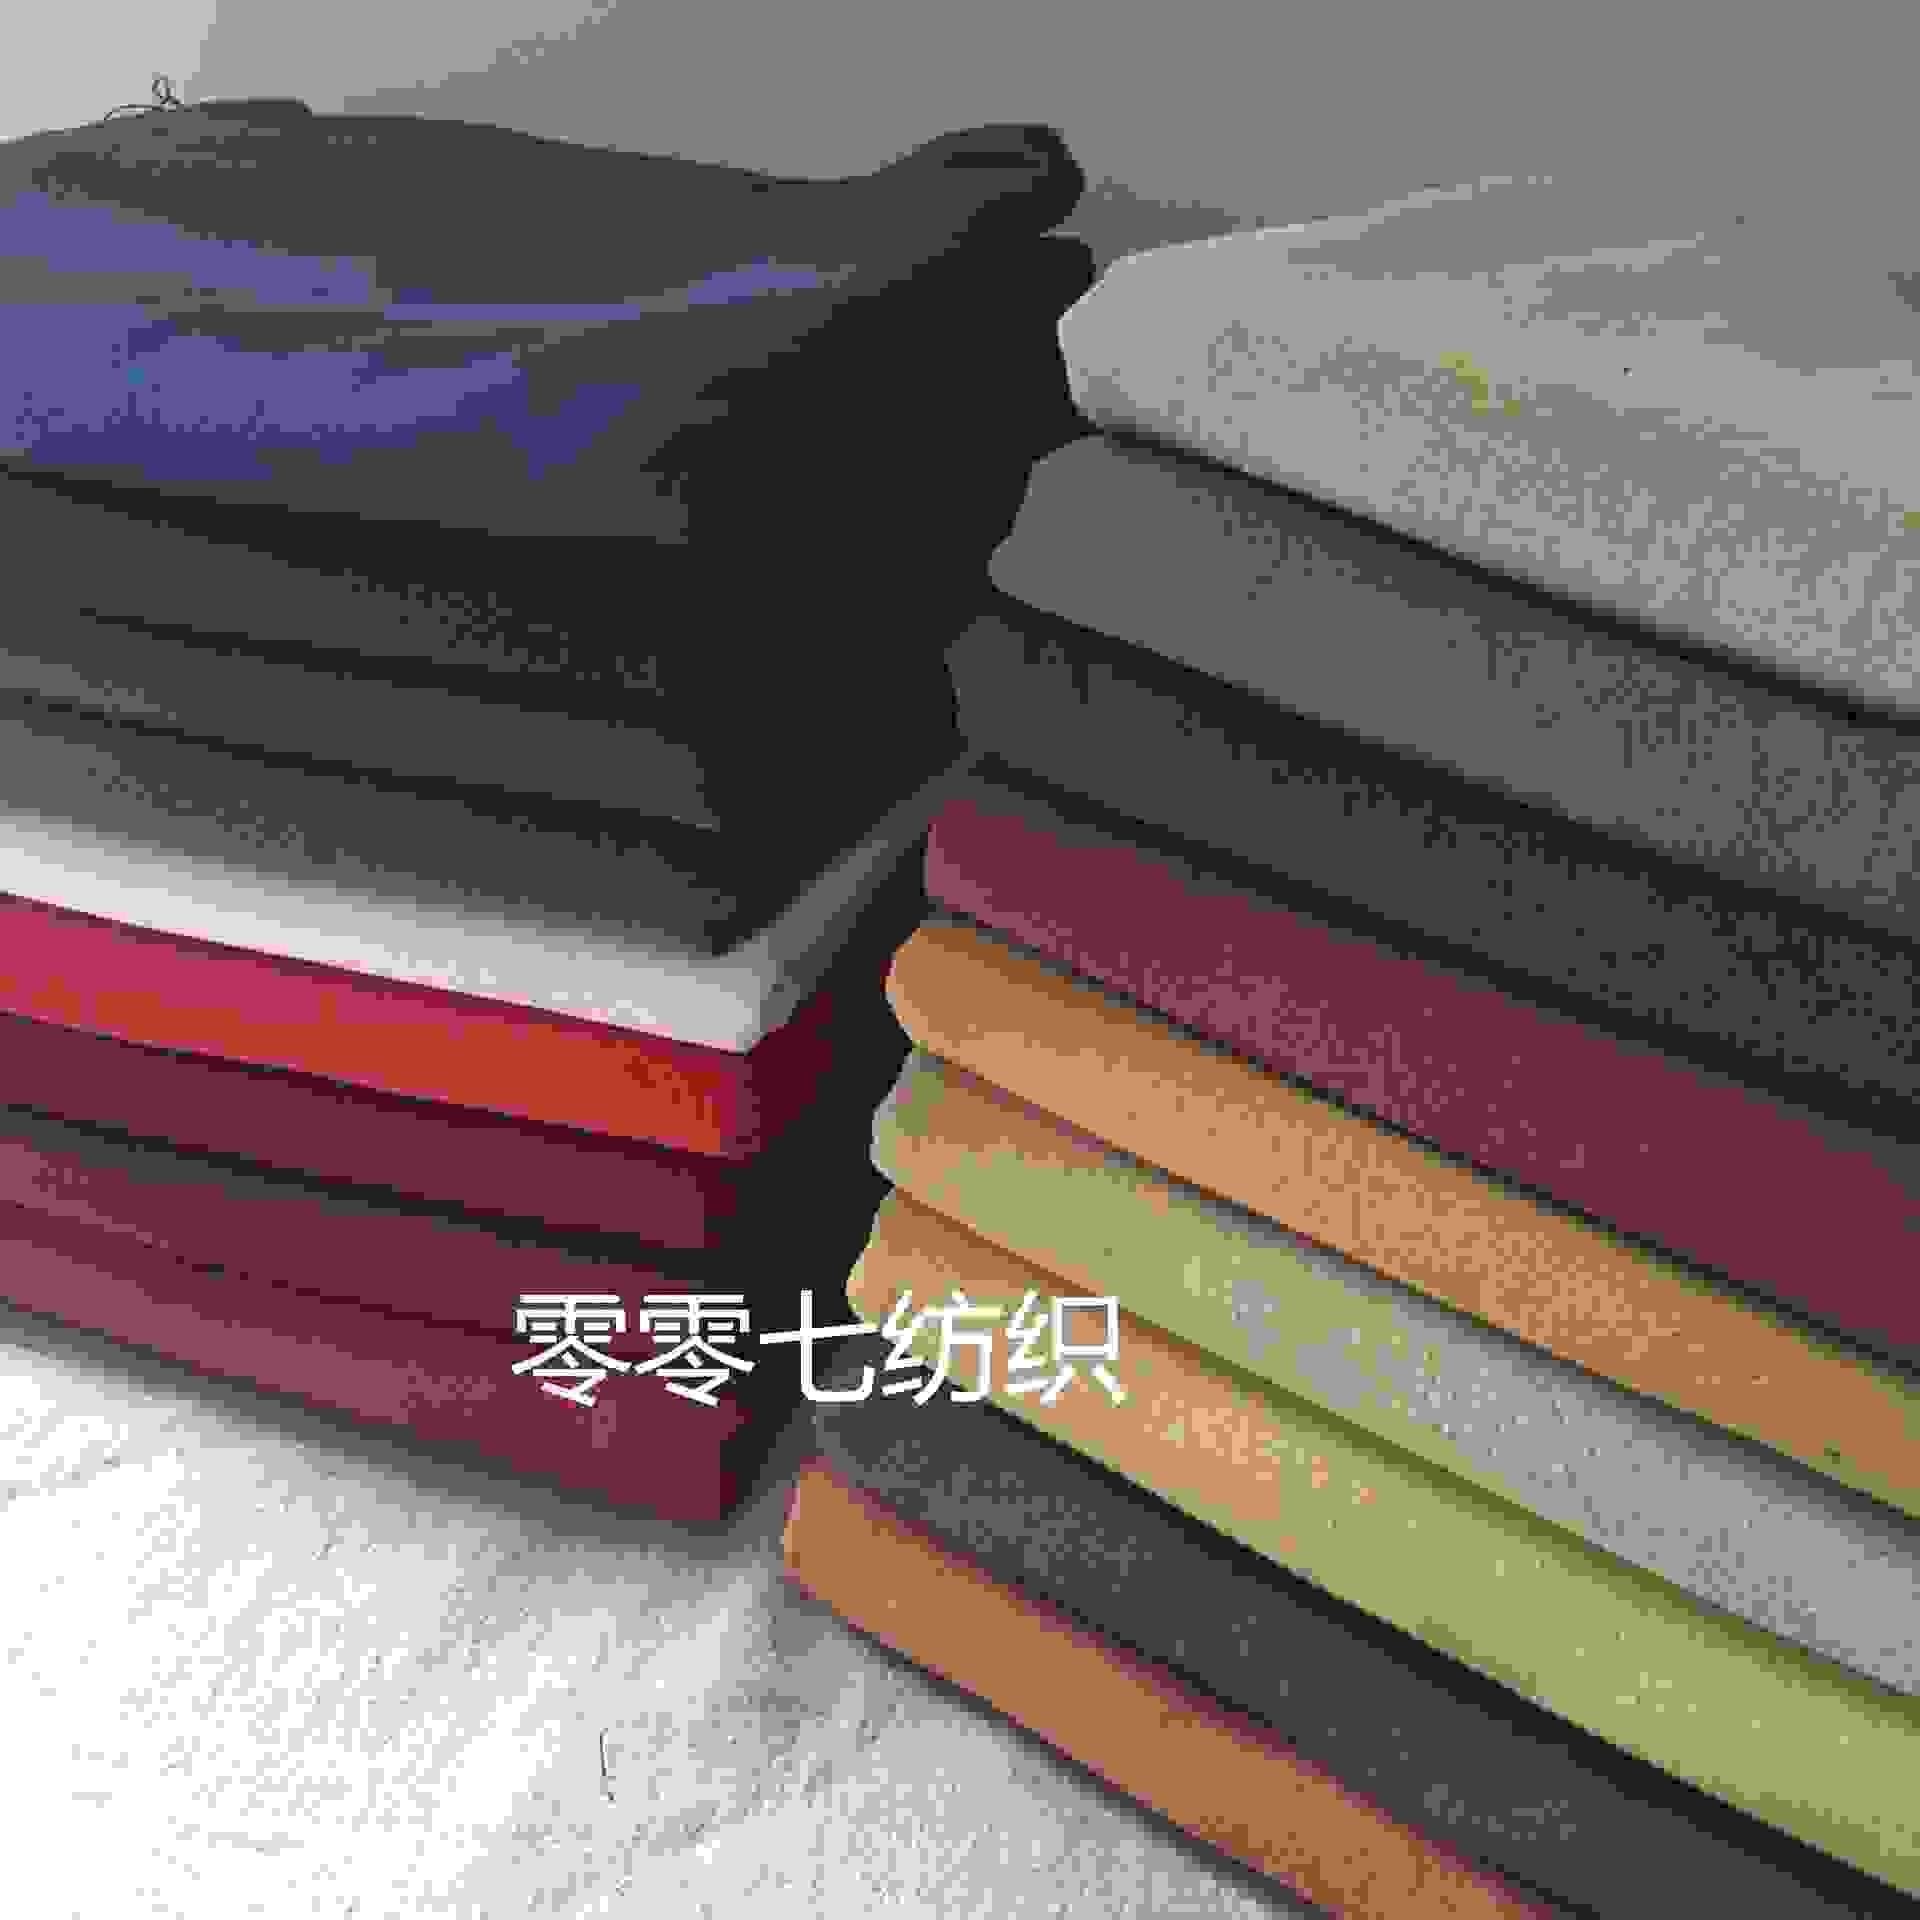 素色砂洗棉麻皱布料 纯色棉麻绉布 肌理纹亚麻服装面料水洗麻布料